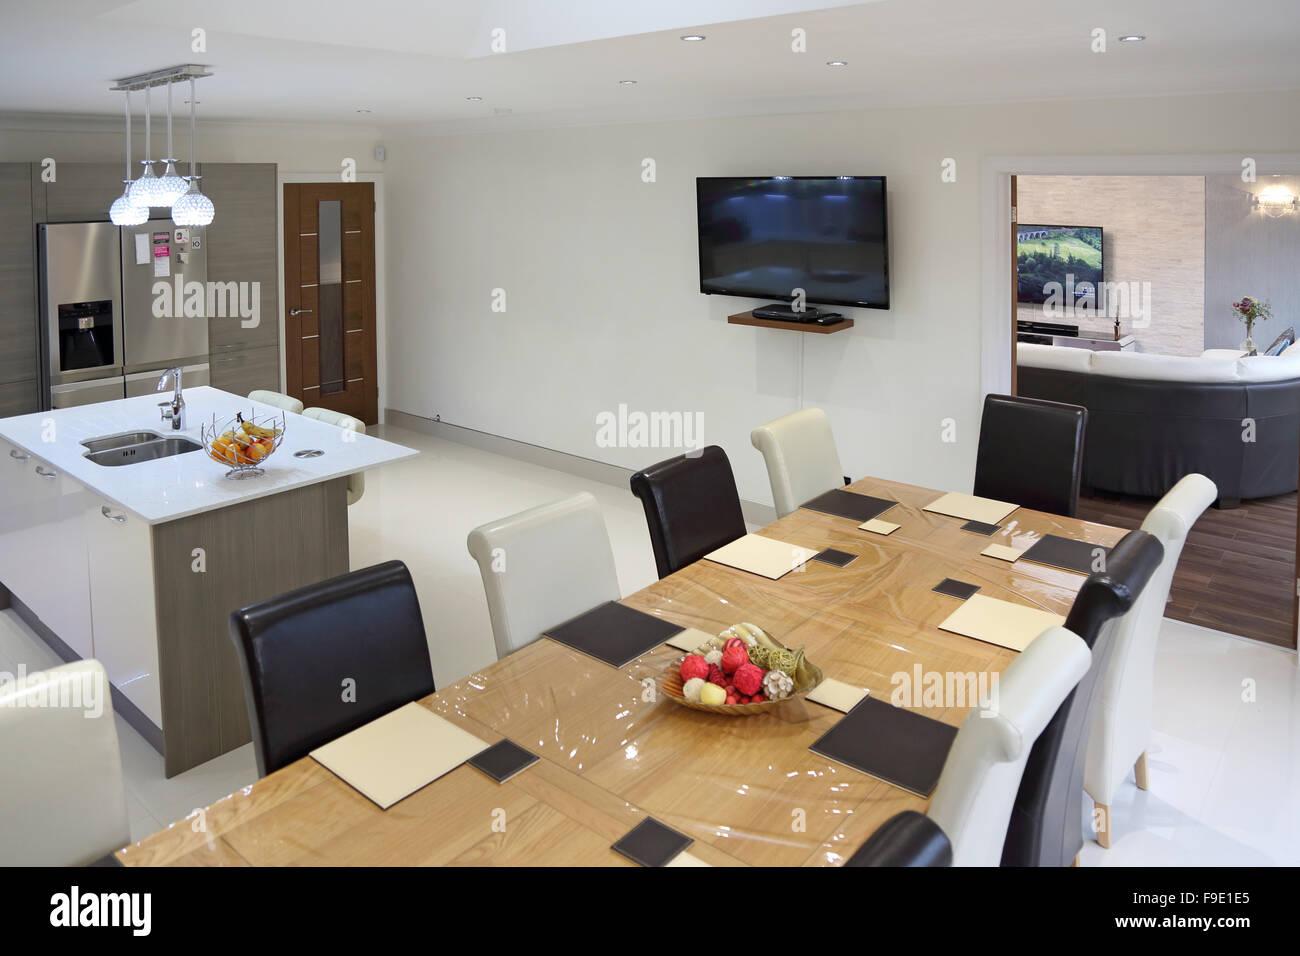 Cucina Sala da pranzo Camera in un hotel rimodernato di ...